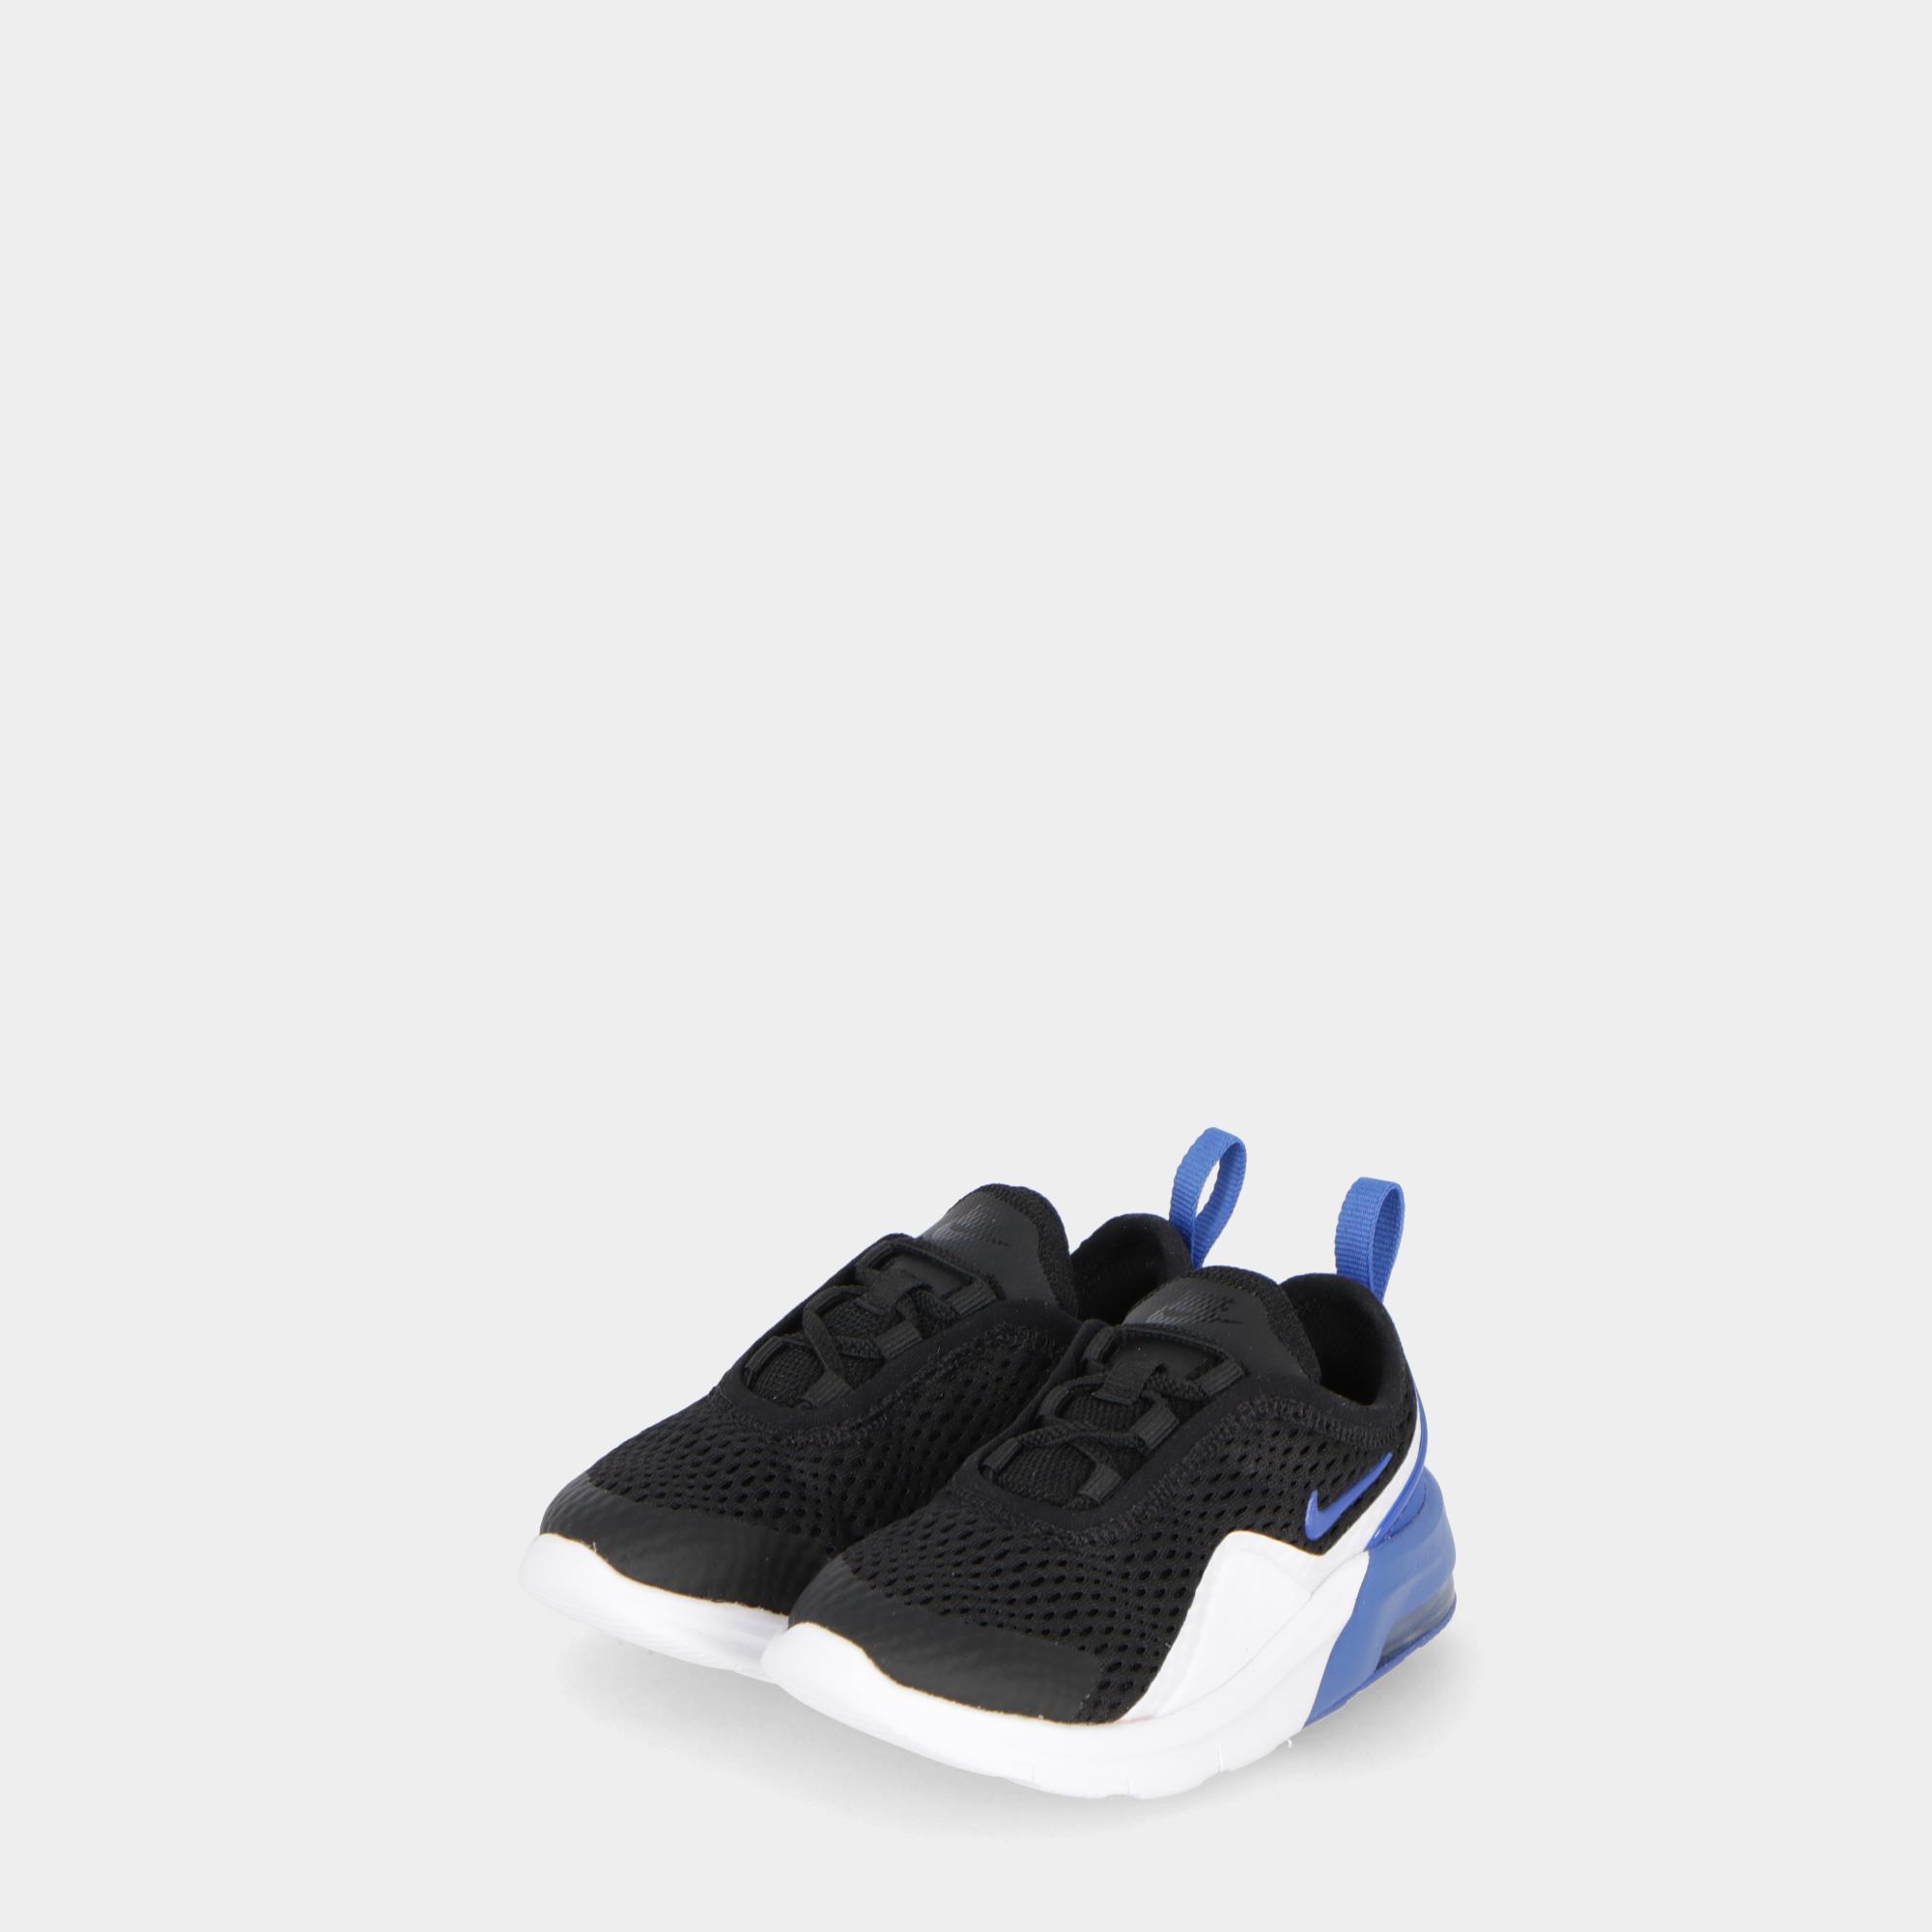 chaussures de séparation dc33d 1765d NIKE AIR MAX MOTION 2 (TDE)